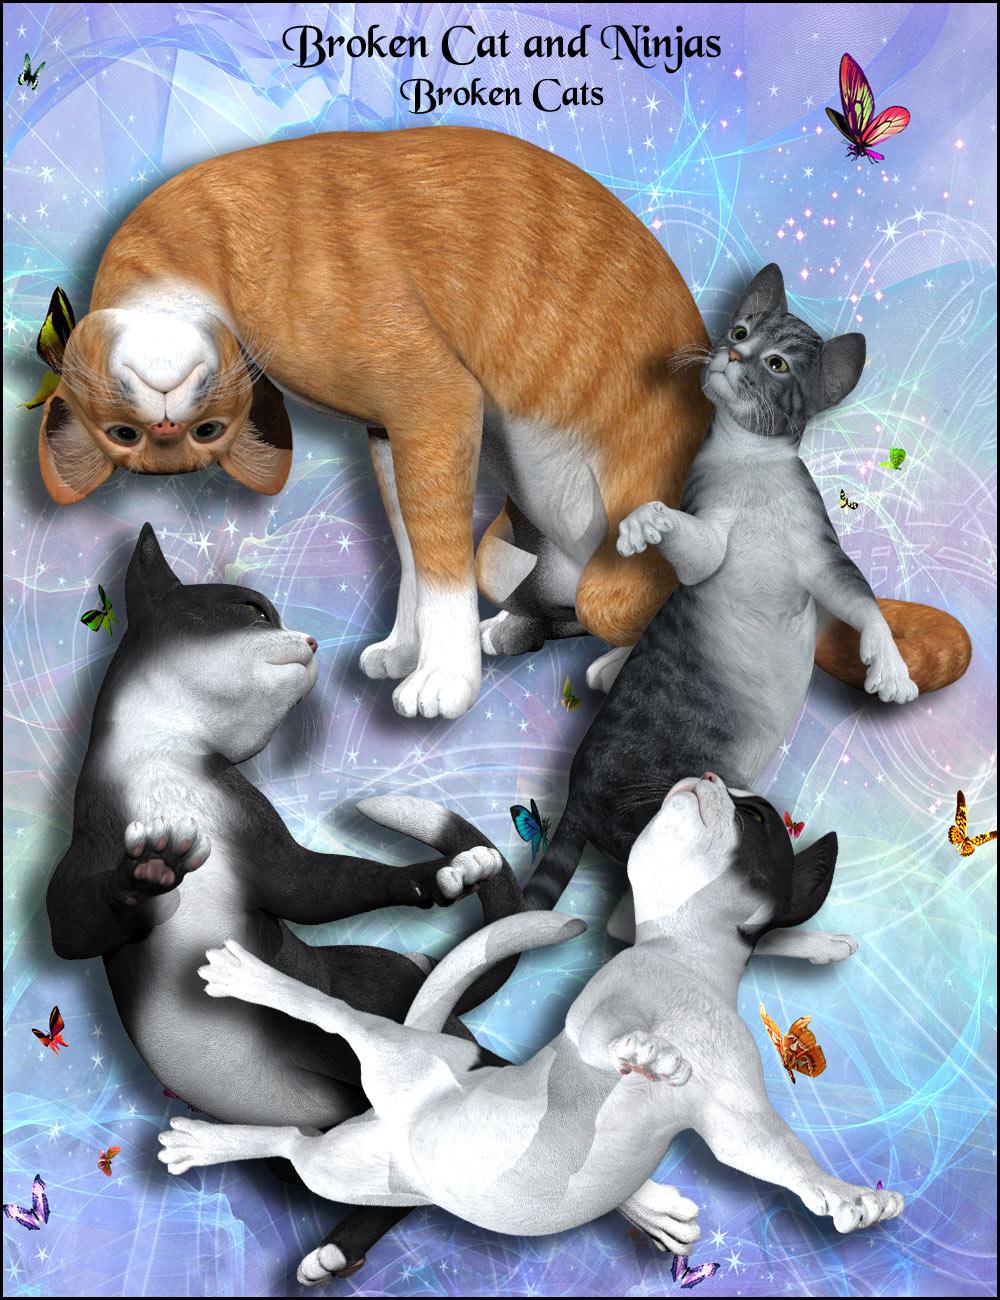 12104-broken-cats-and-ninjas-main.jpg